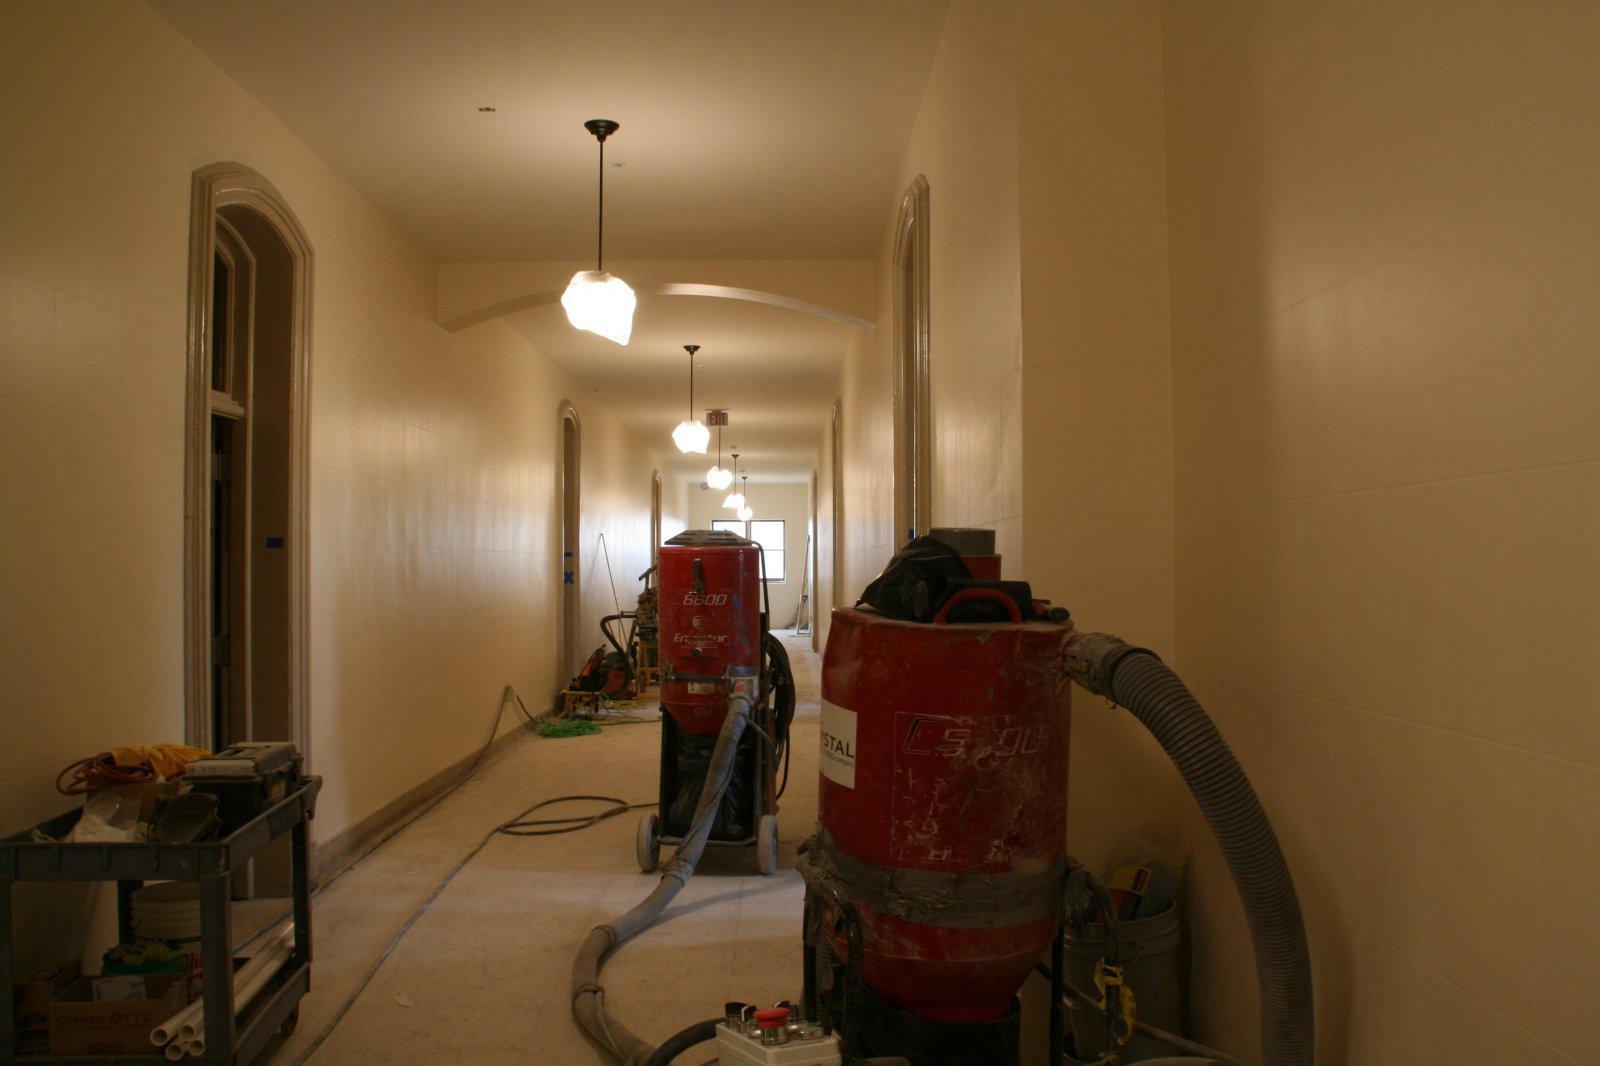 Hallway Corridor at Old Main